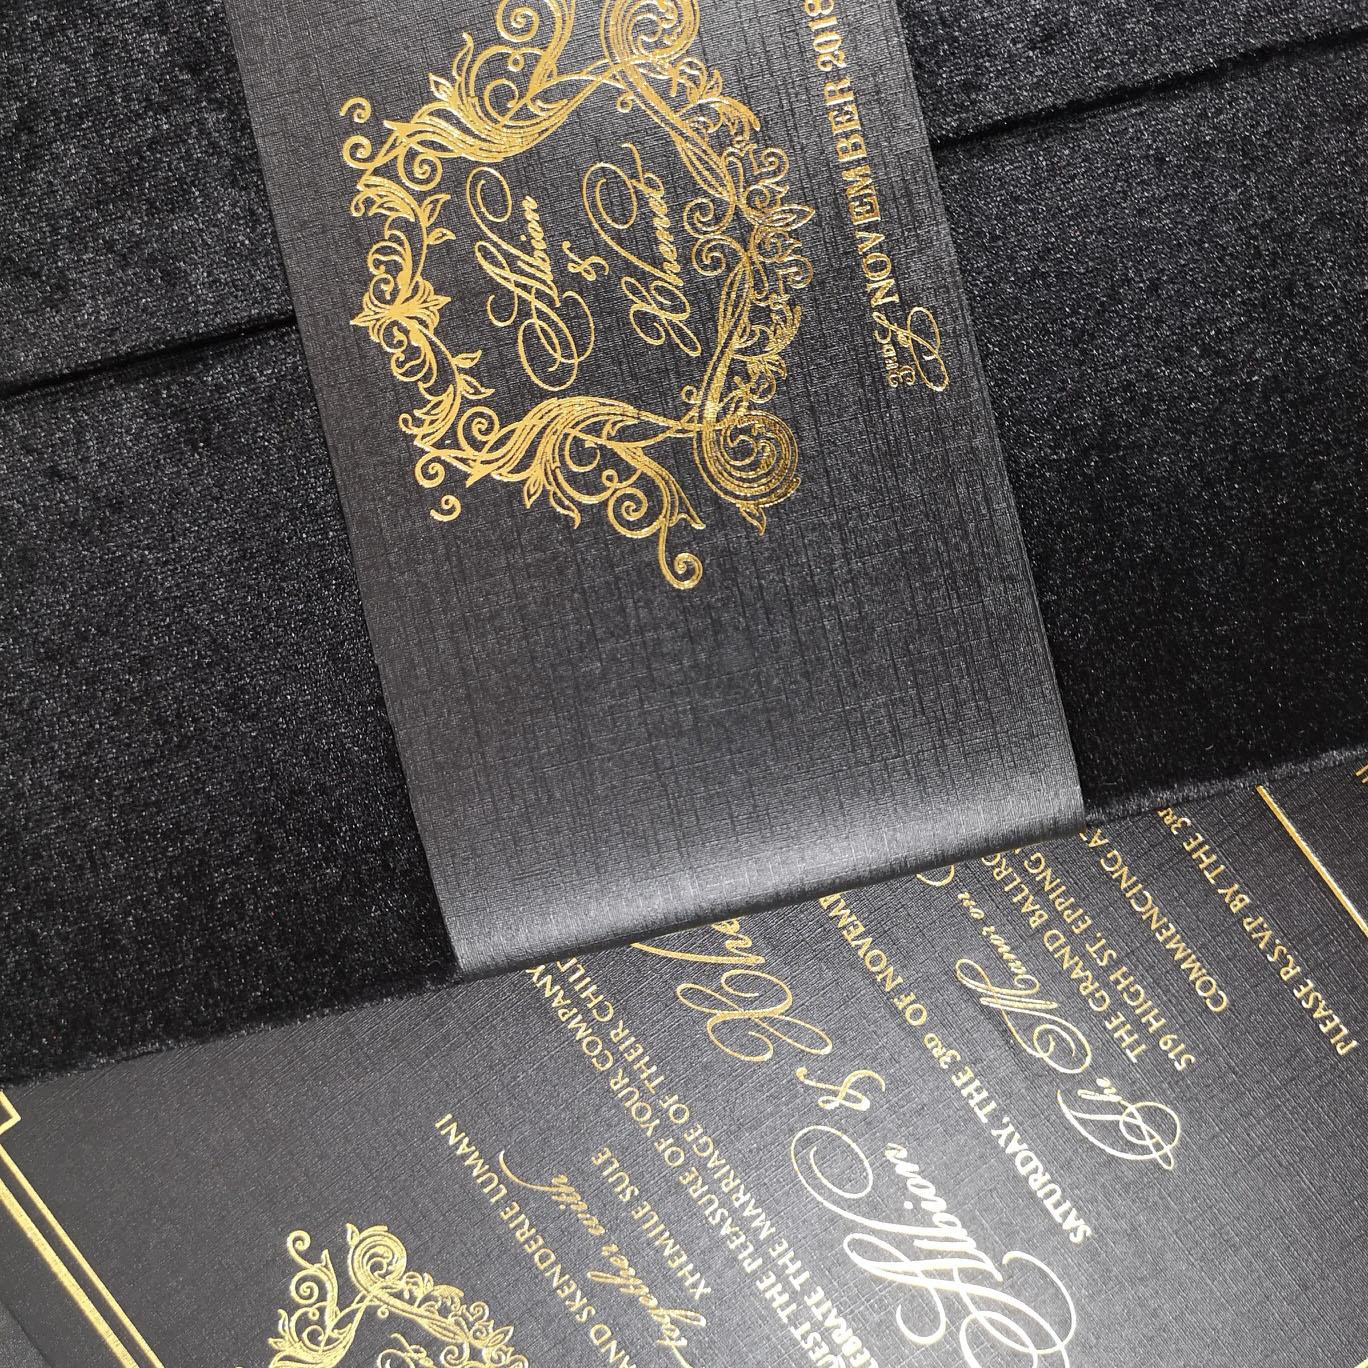 High end wedding invitation